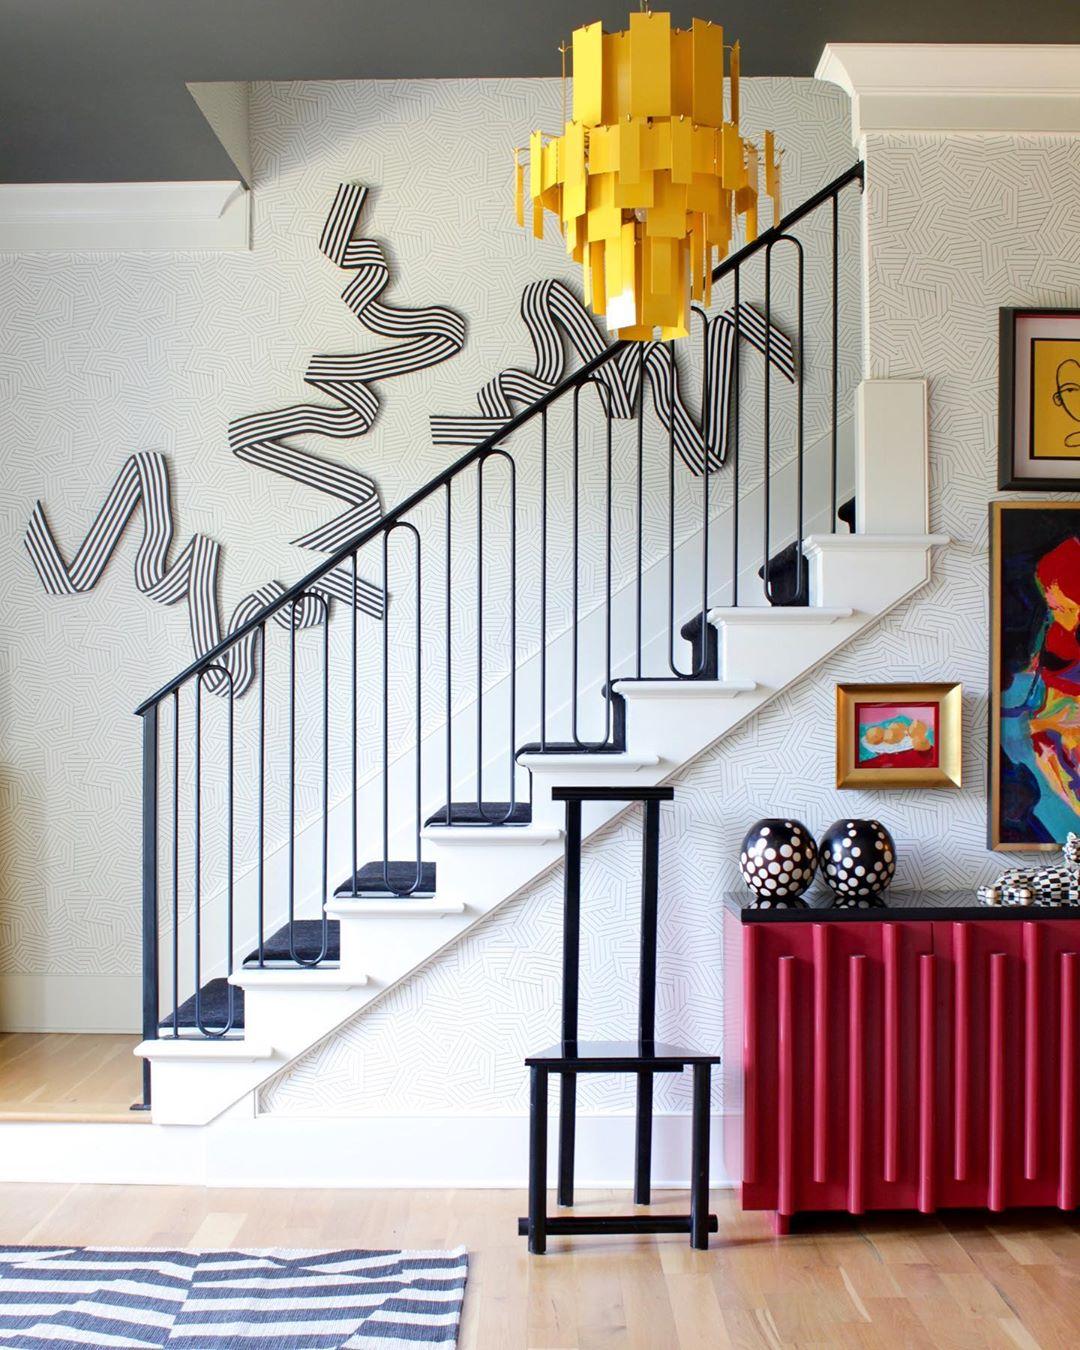 Dom umetnice Angele Chrusciaki Blehm je umetnička instalacija u boji (фото 1)